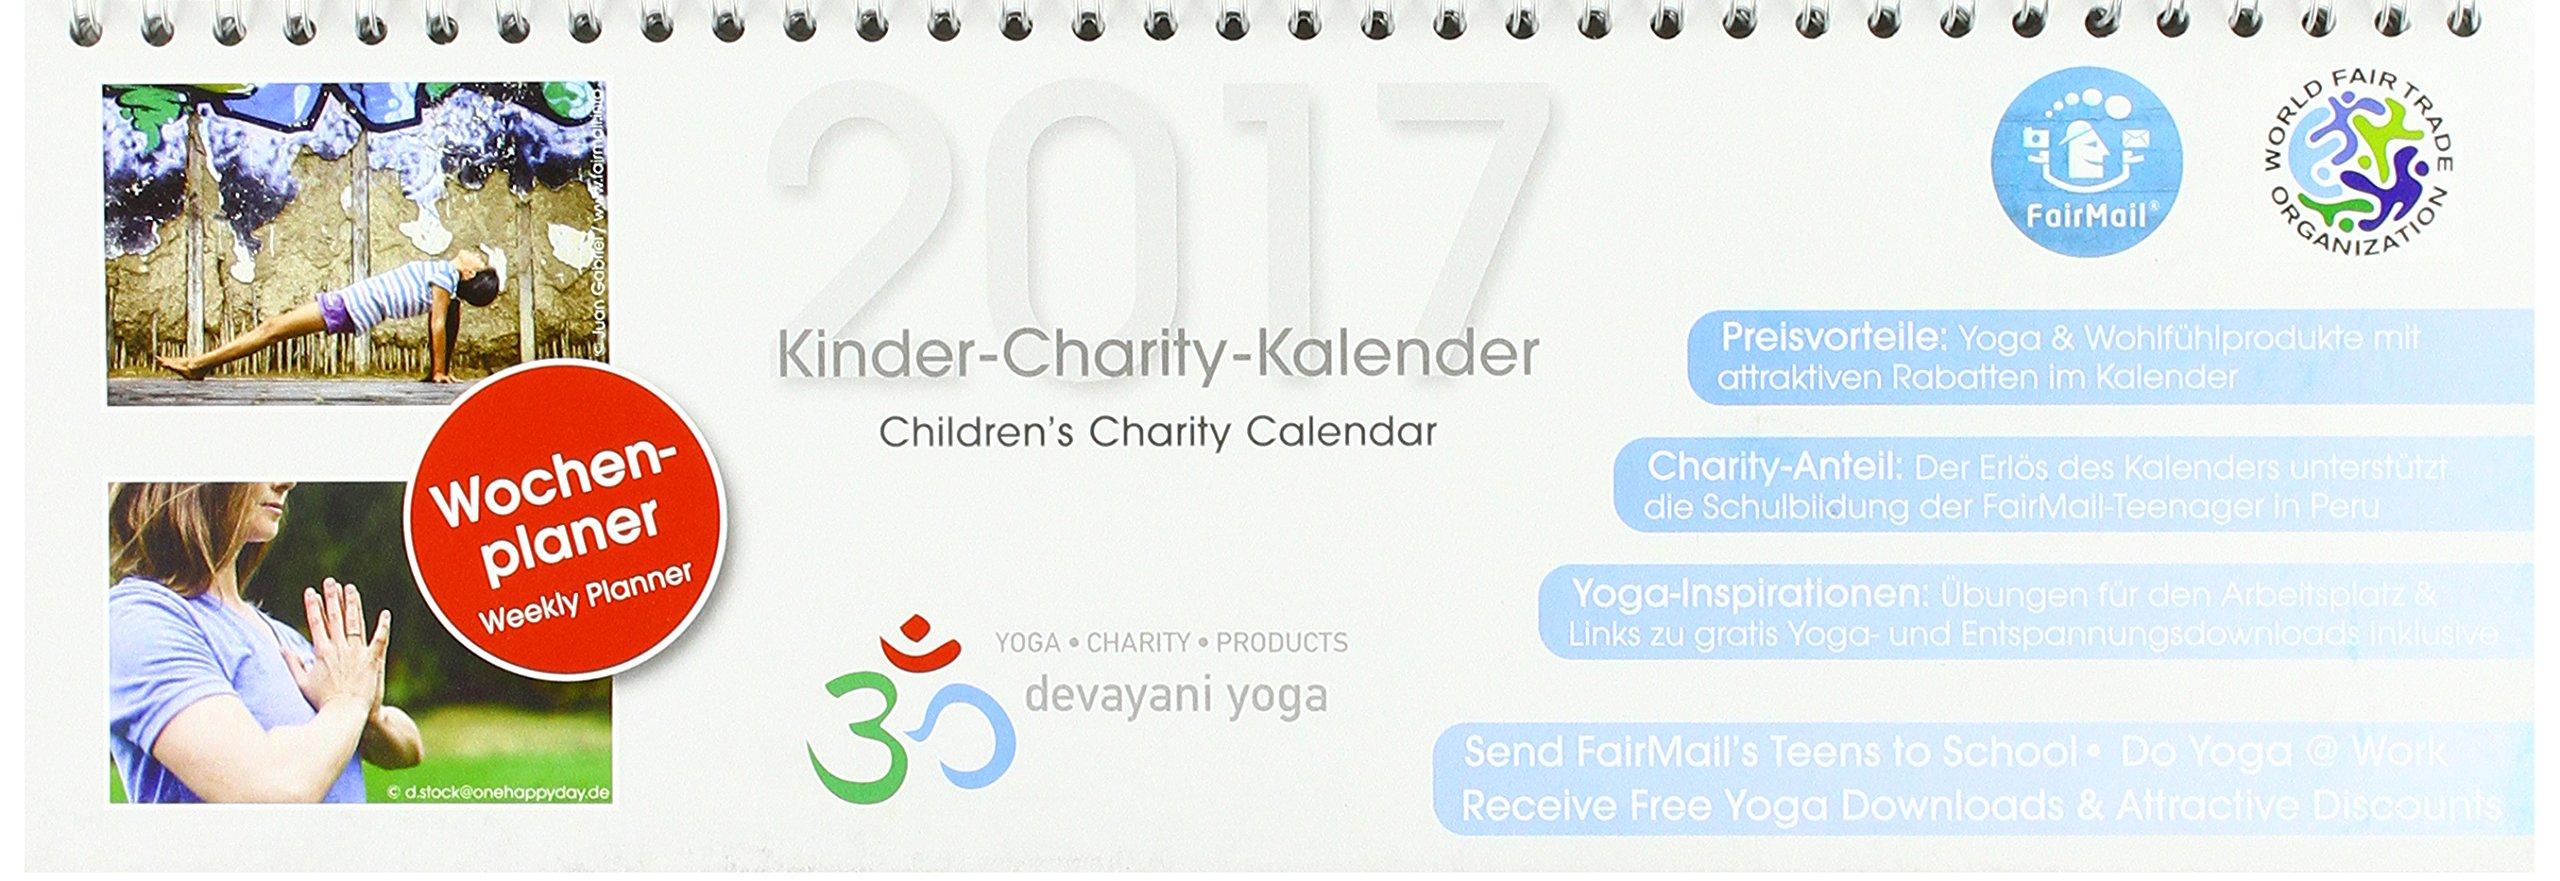 kinder-charity-kalender-2017